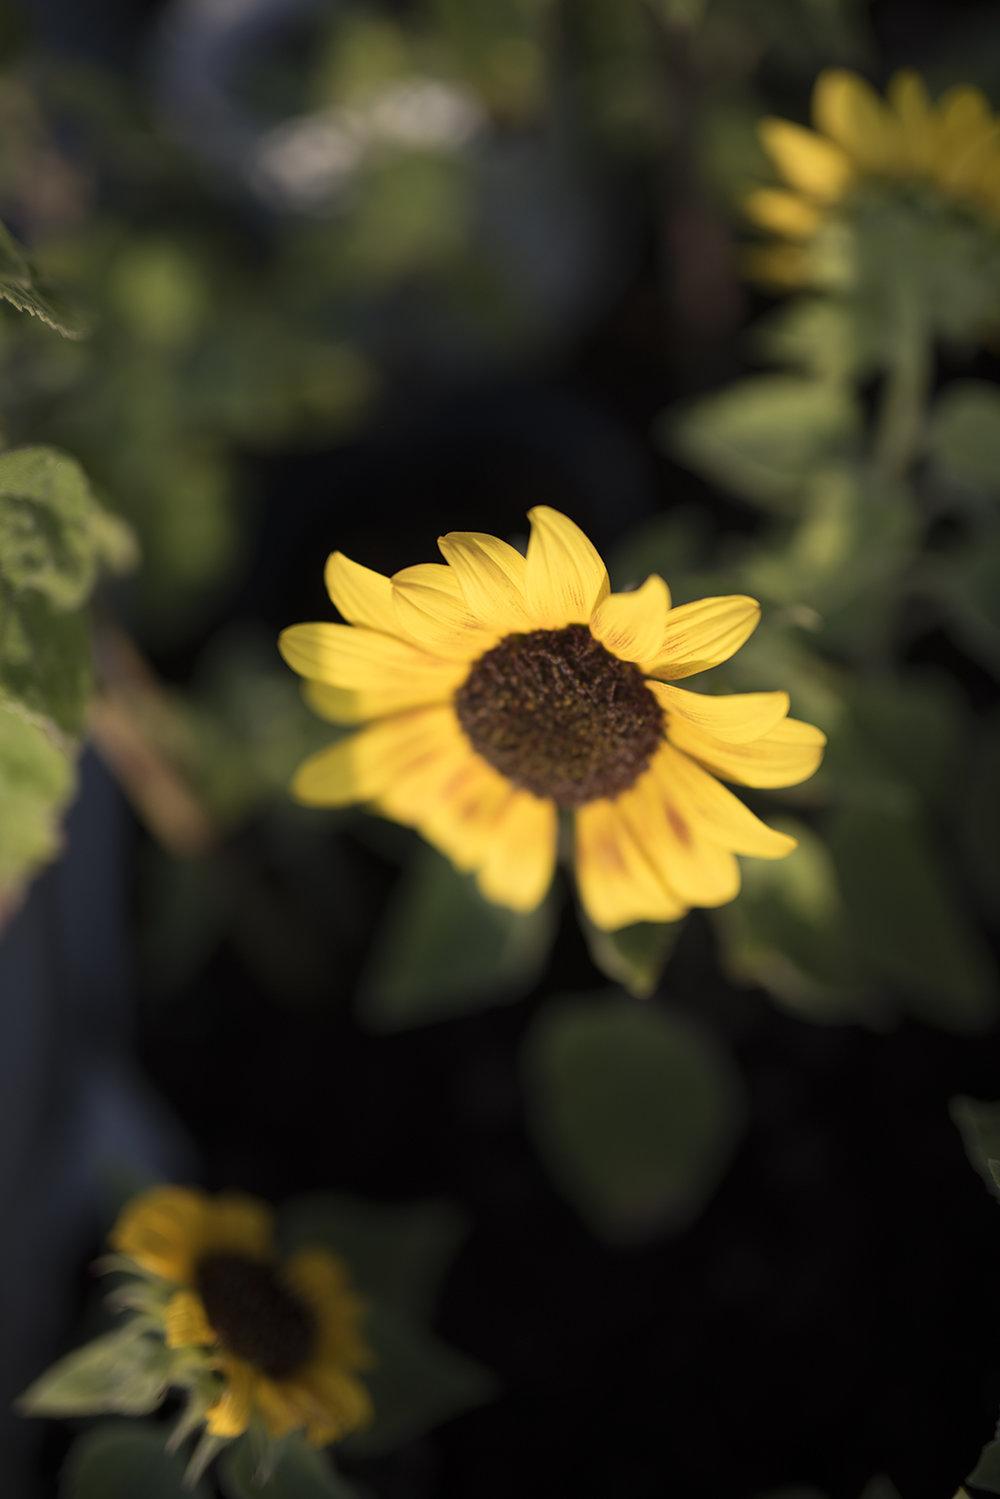 företagsfotografering-plantskola-blomster-handelsträdgård-solros-fotograf-jasmin-erhorn-seos-fotografi